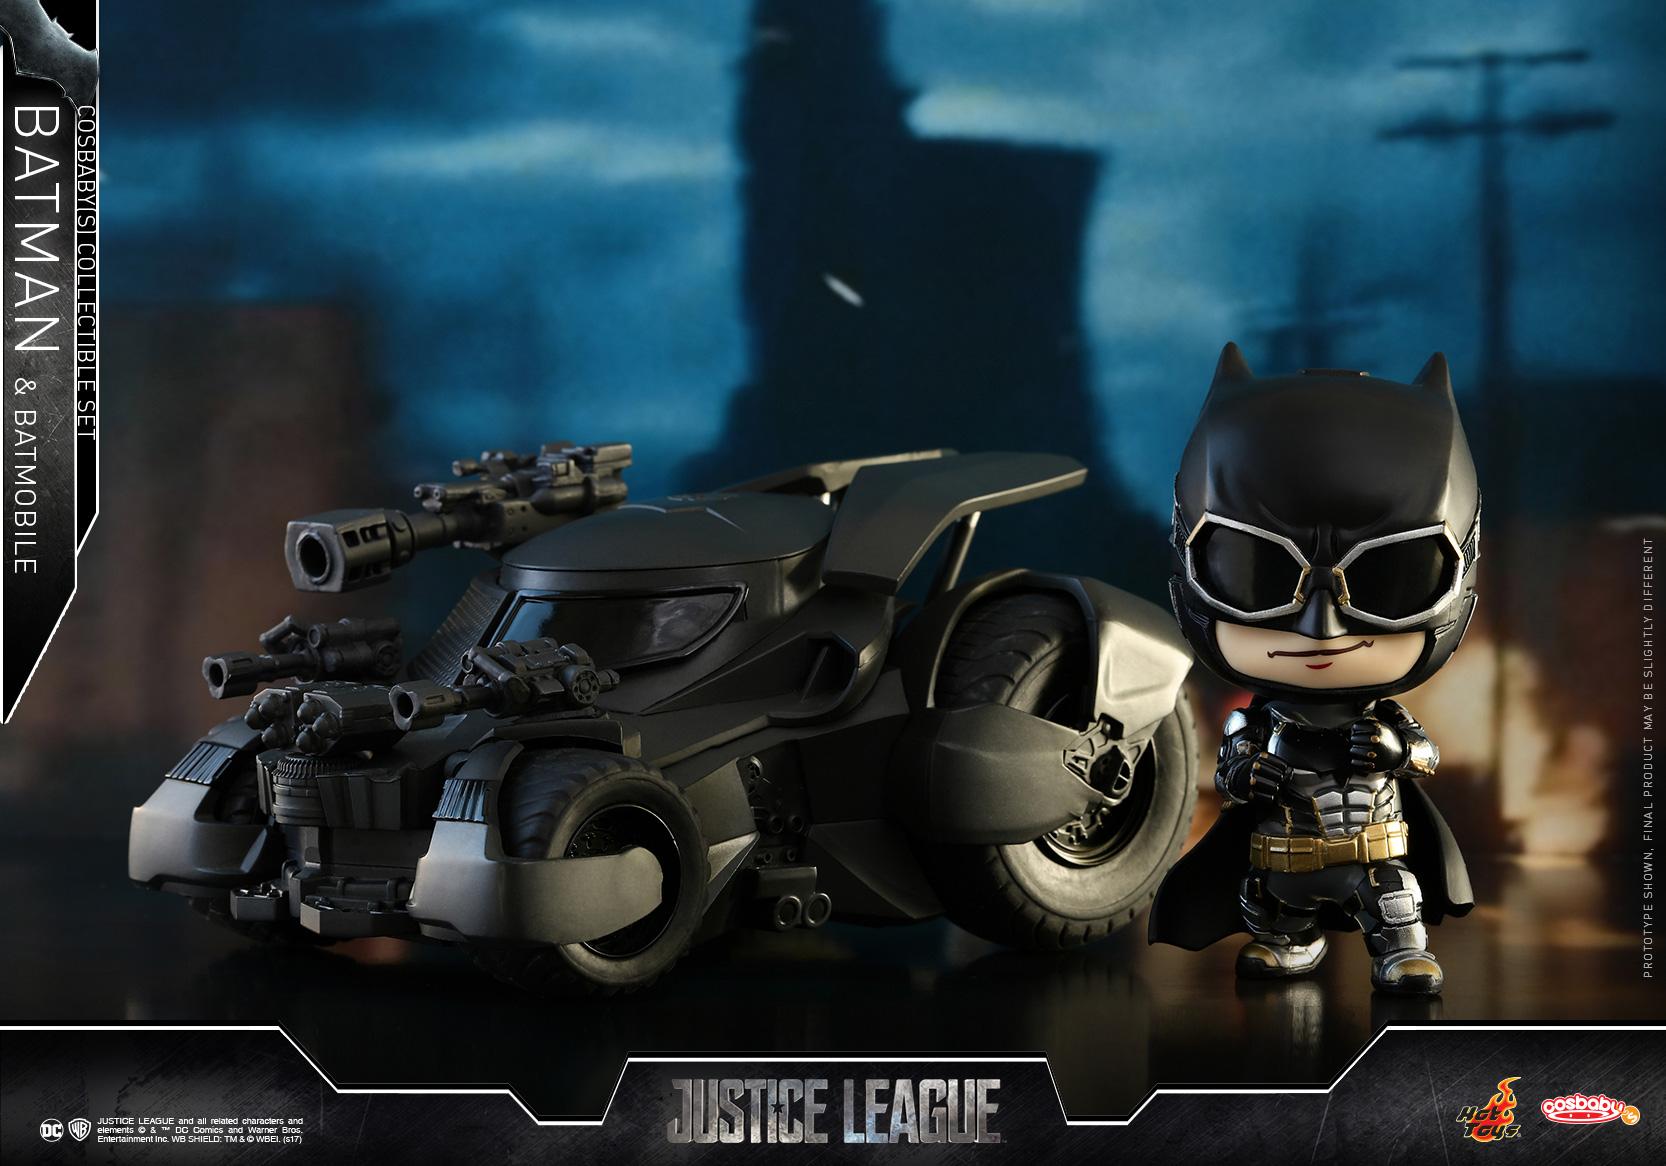 Большой через плесень HT свастика положительный праведность альянс бэтмен возвращается летучая мышь автомобиль летучая мышь боевая колесница cosbaby Q издание подключать один